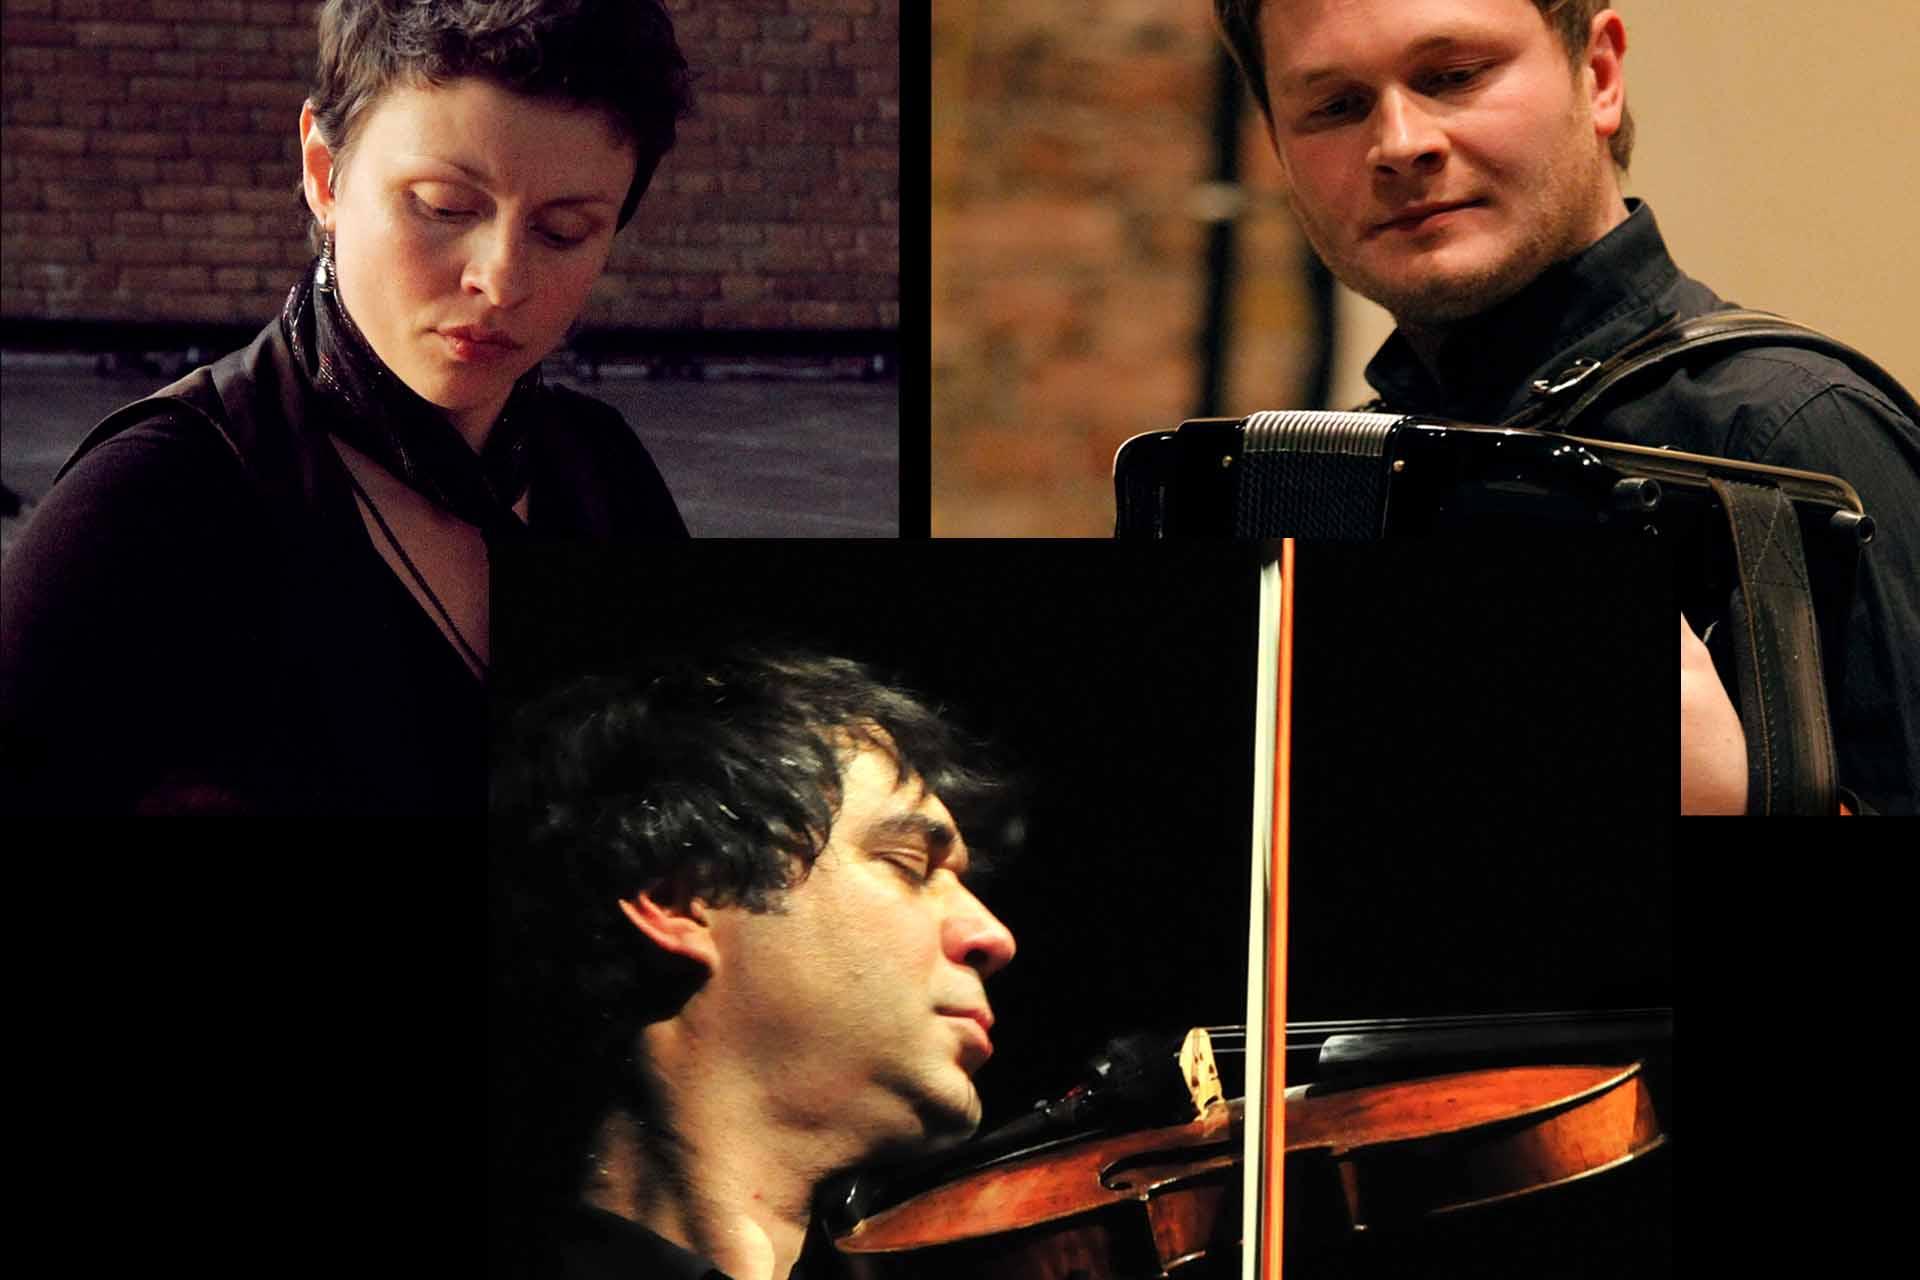 Elena Chekanova (Live Elektronik, Klavier), Robert Kusiolek (Akkordeon) und Anton Sjarov (Violine, Klangobjekte) spielen gemeinsam in der Stadtkirche